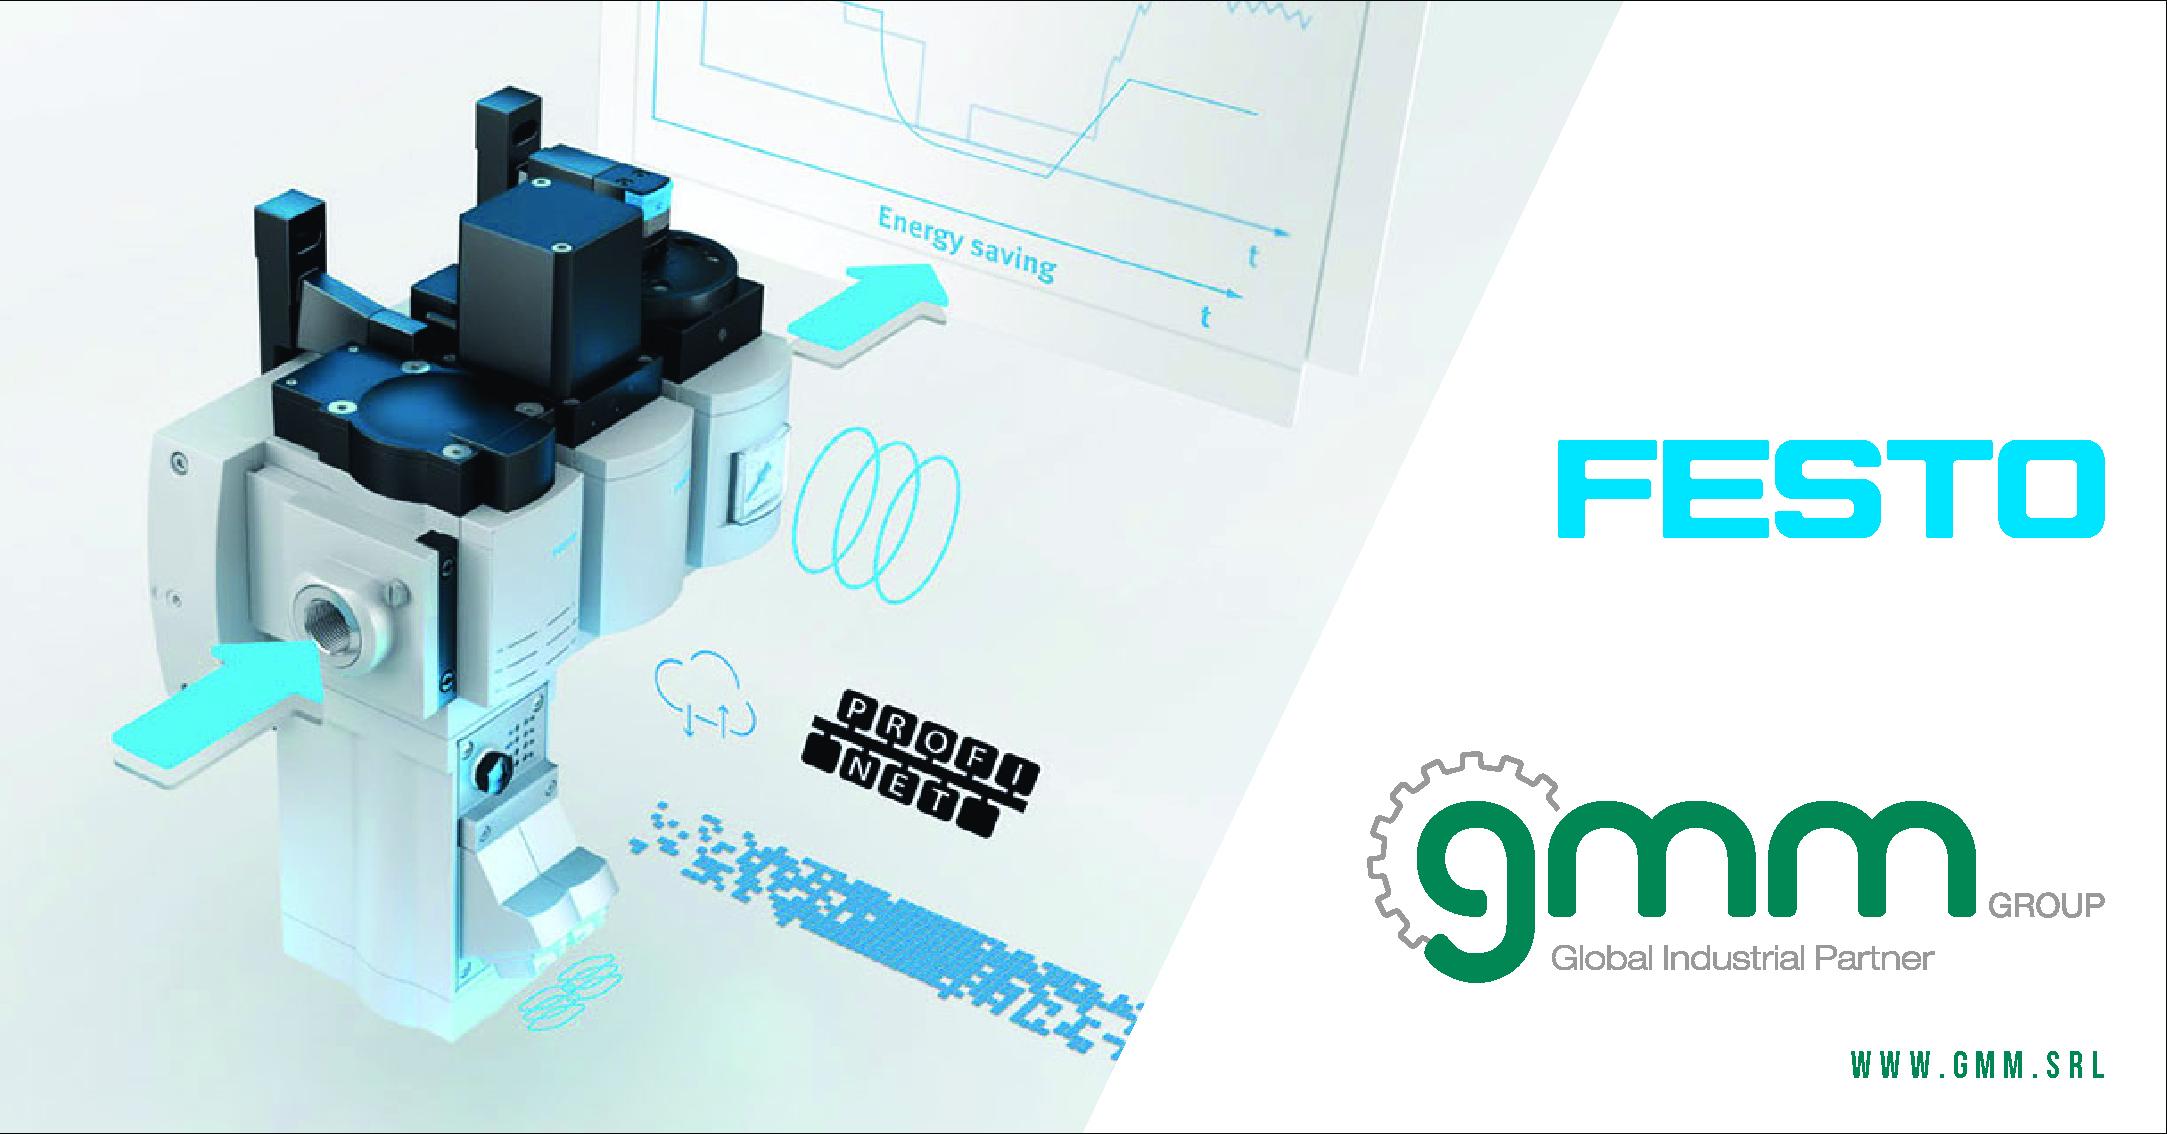 Gmm Group e Festo verso la Smart Factory